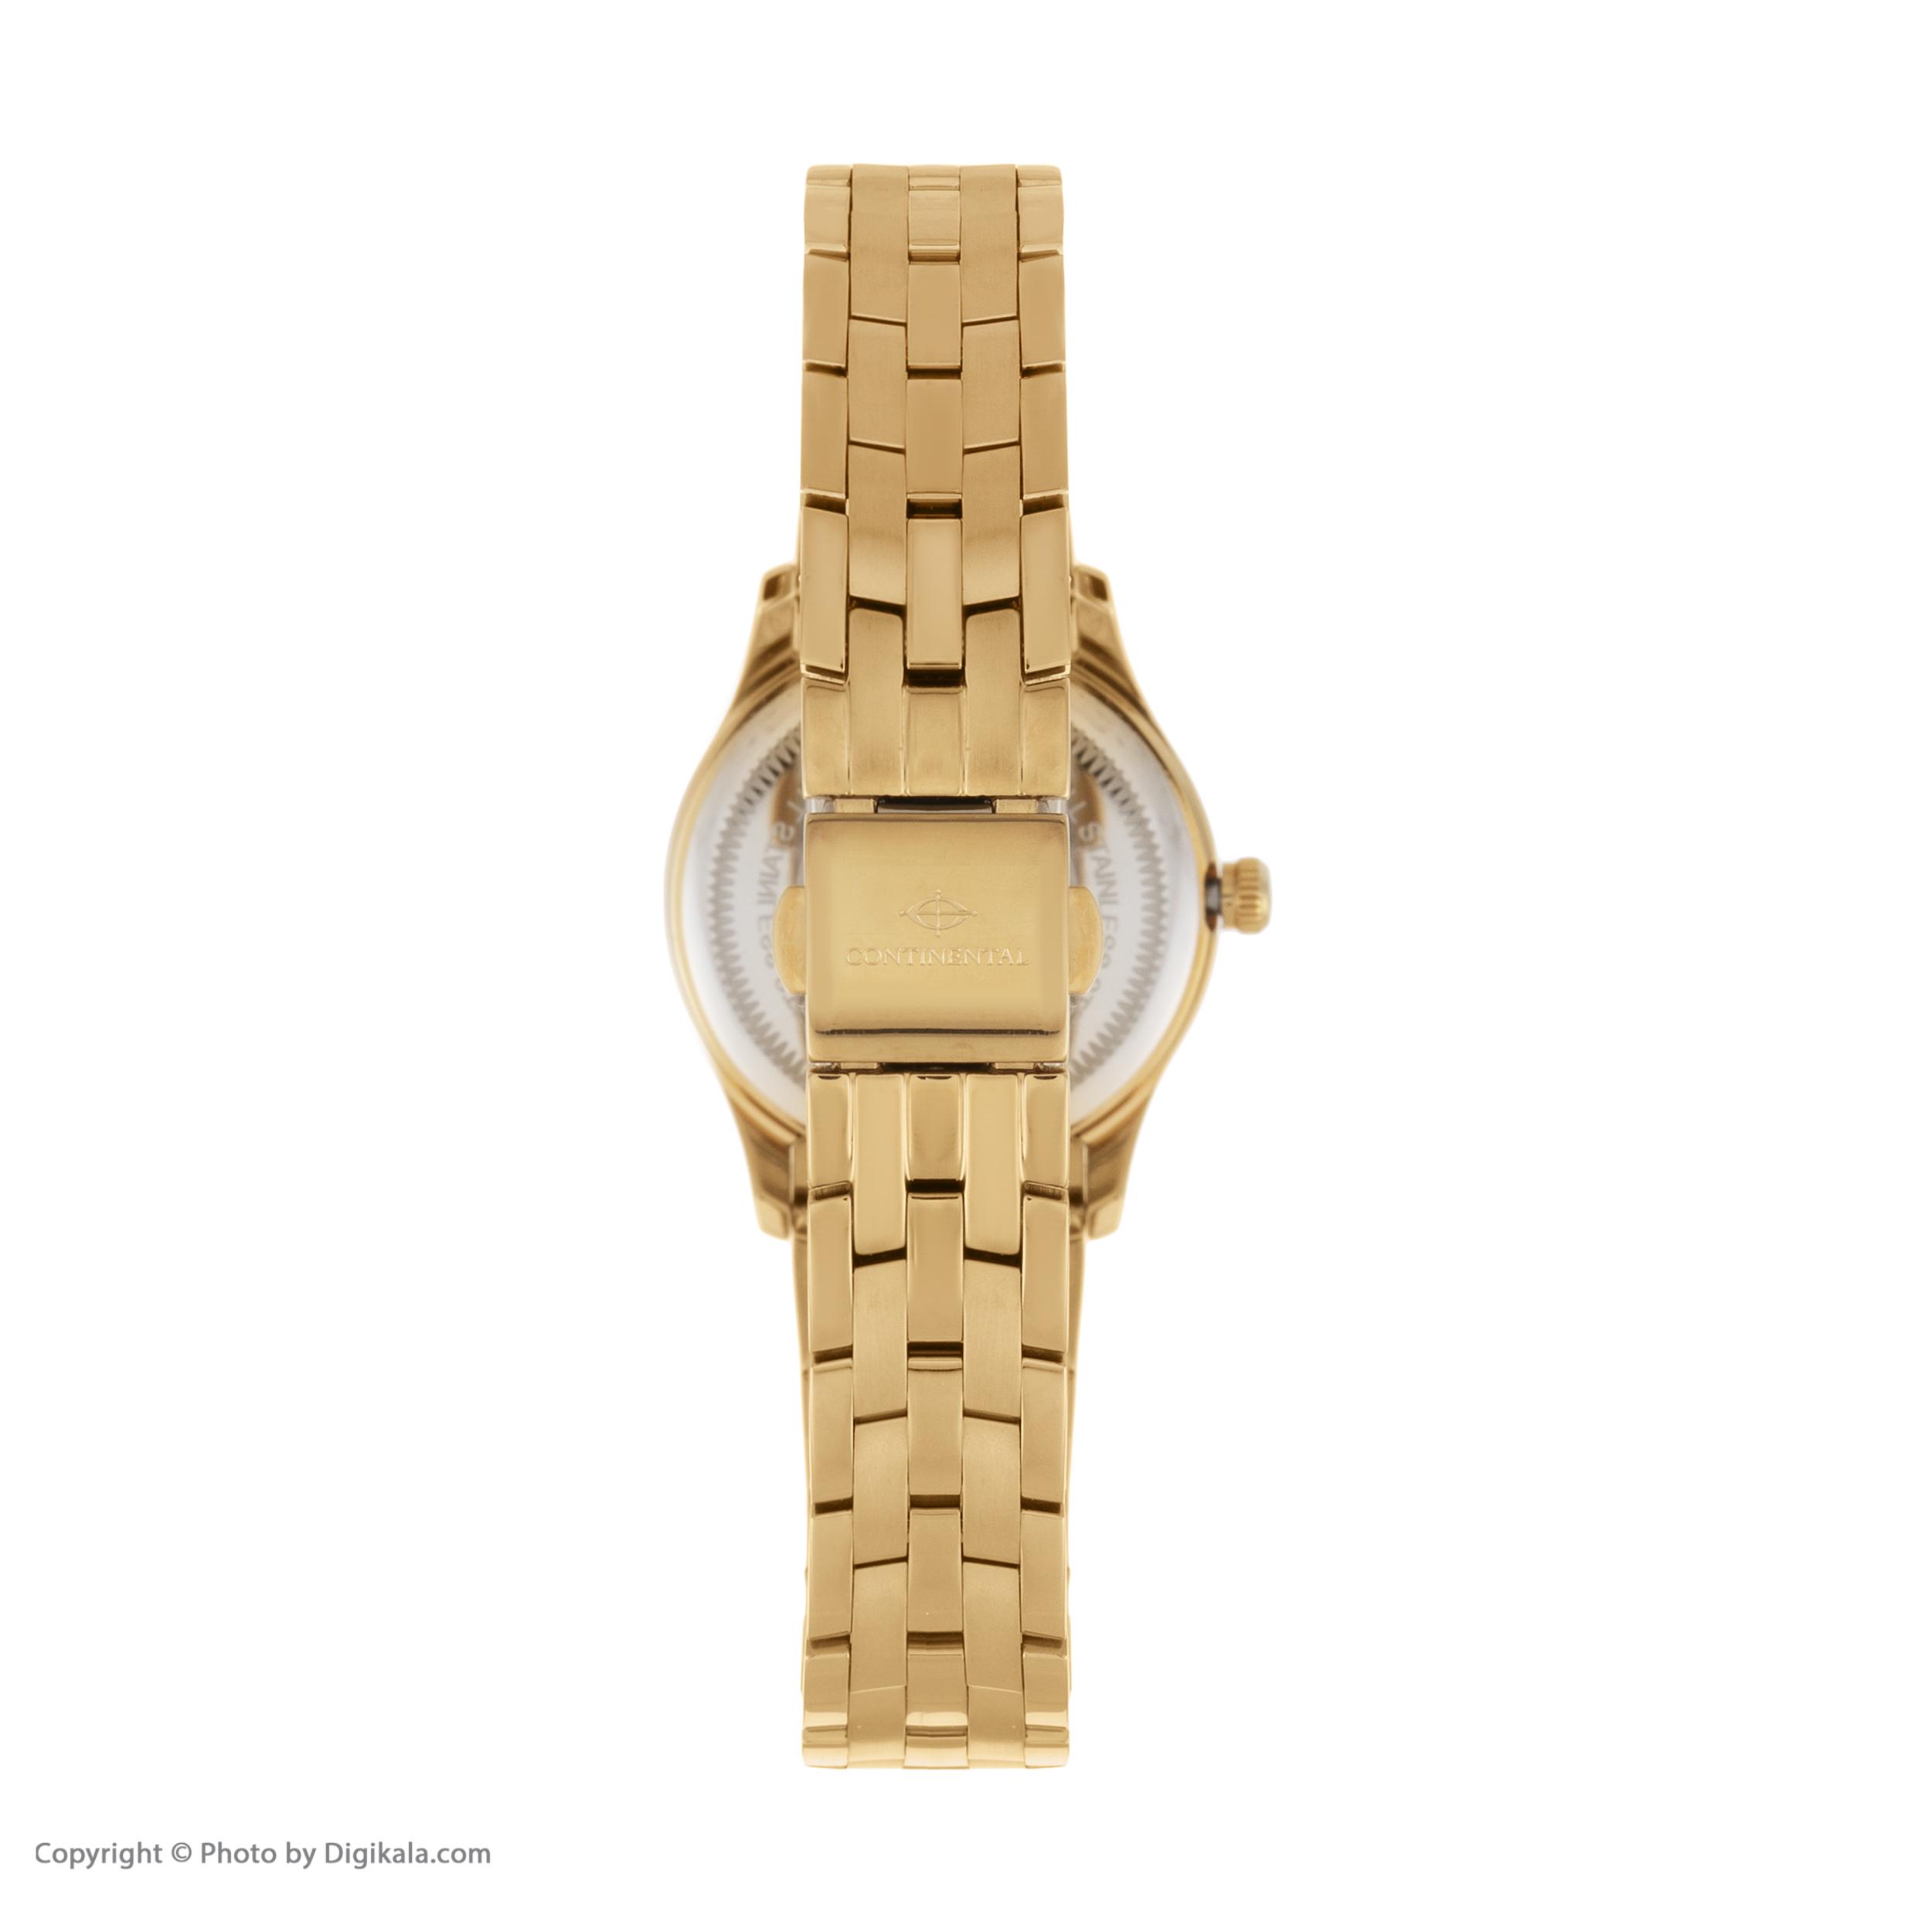 ساعت مچی عقربه ای زنانه کنتیننتال مدل 18102-LD202130 -  - 3